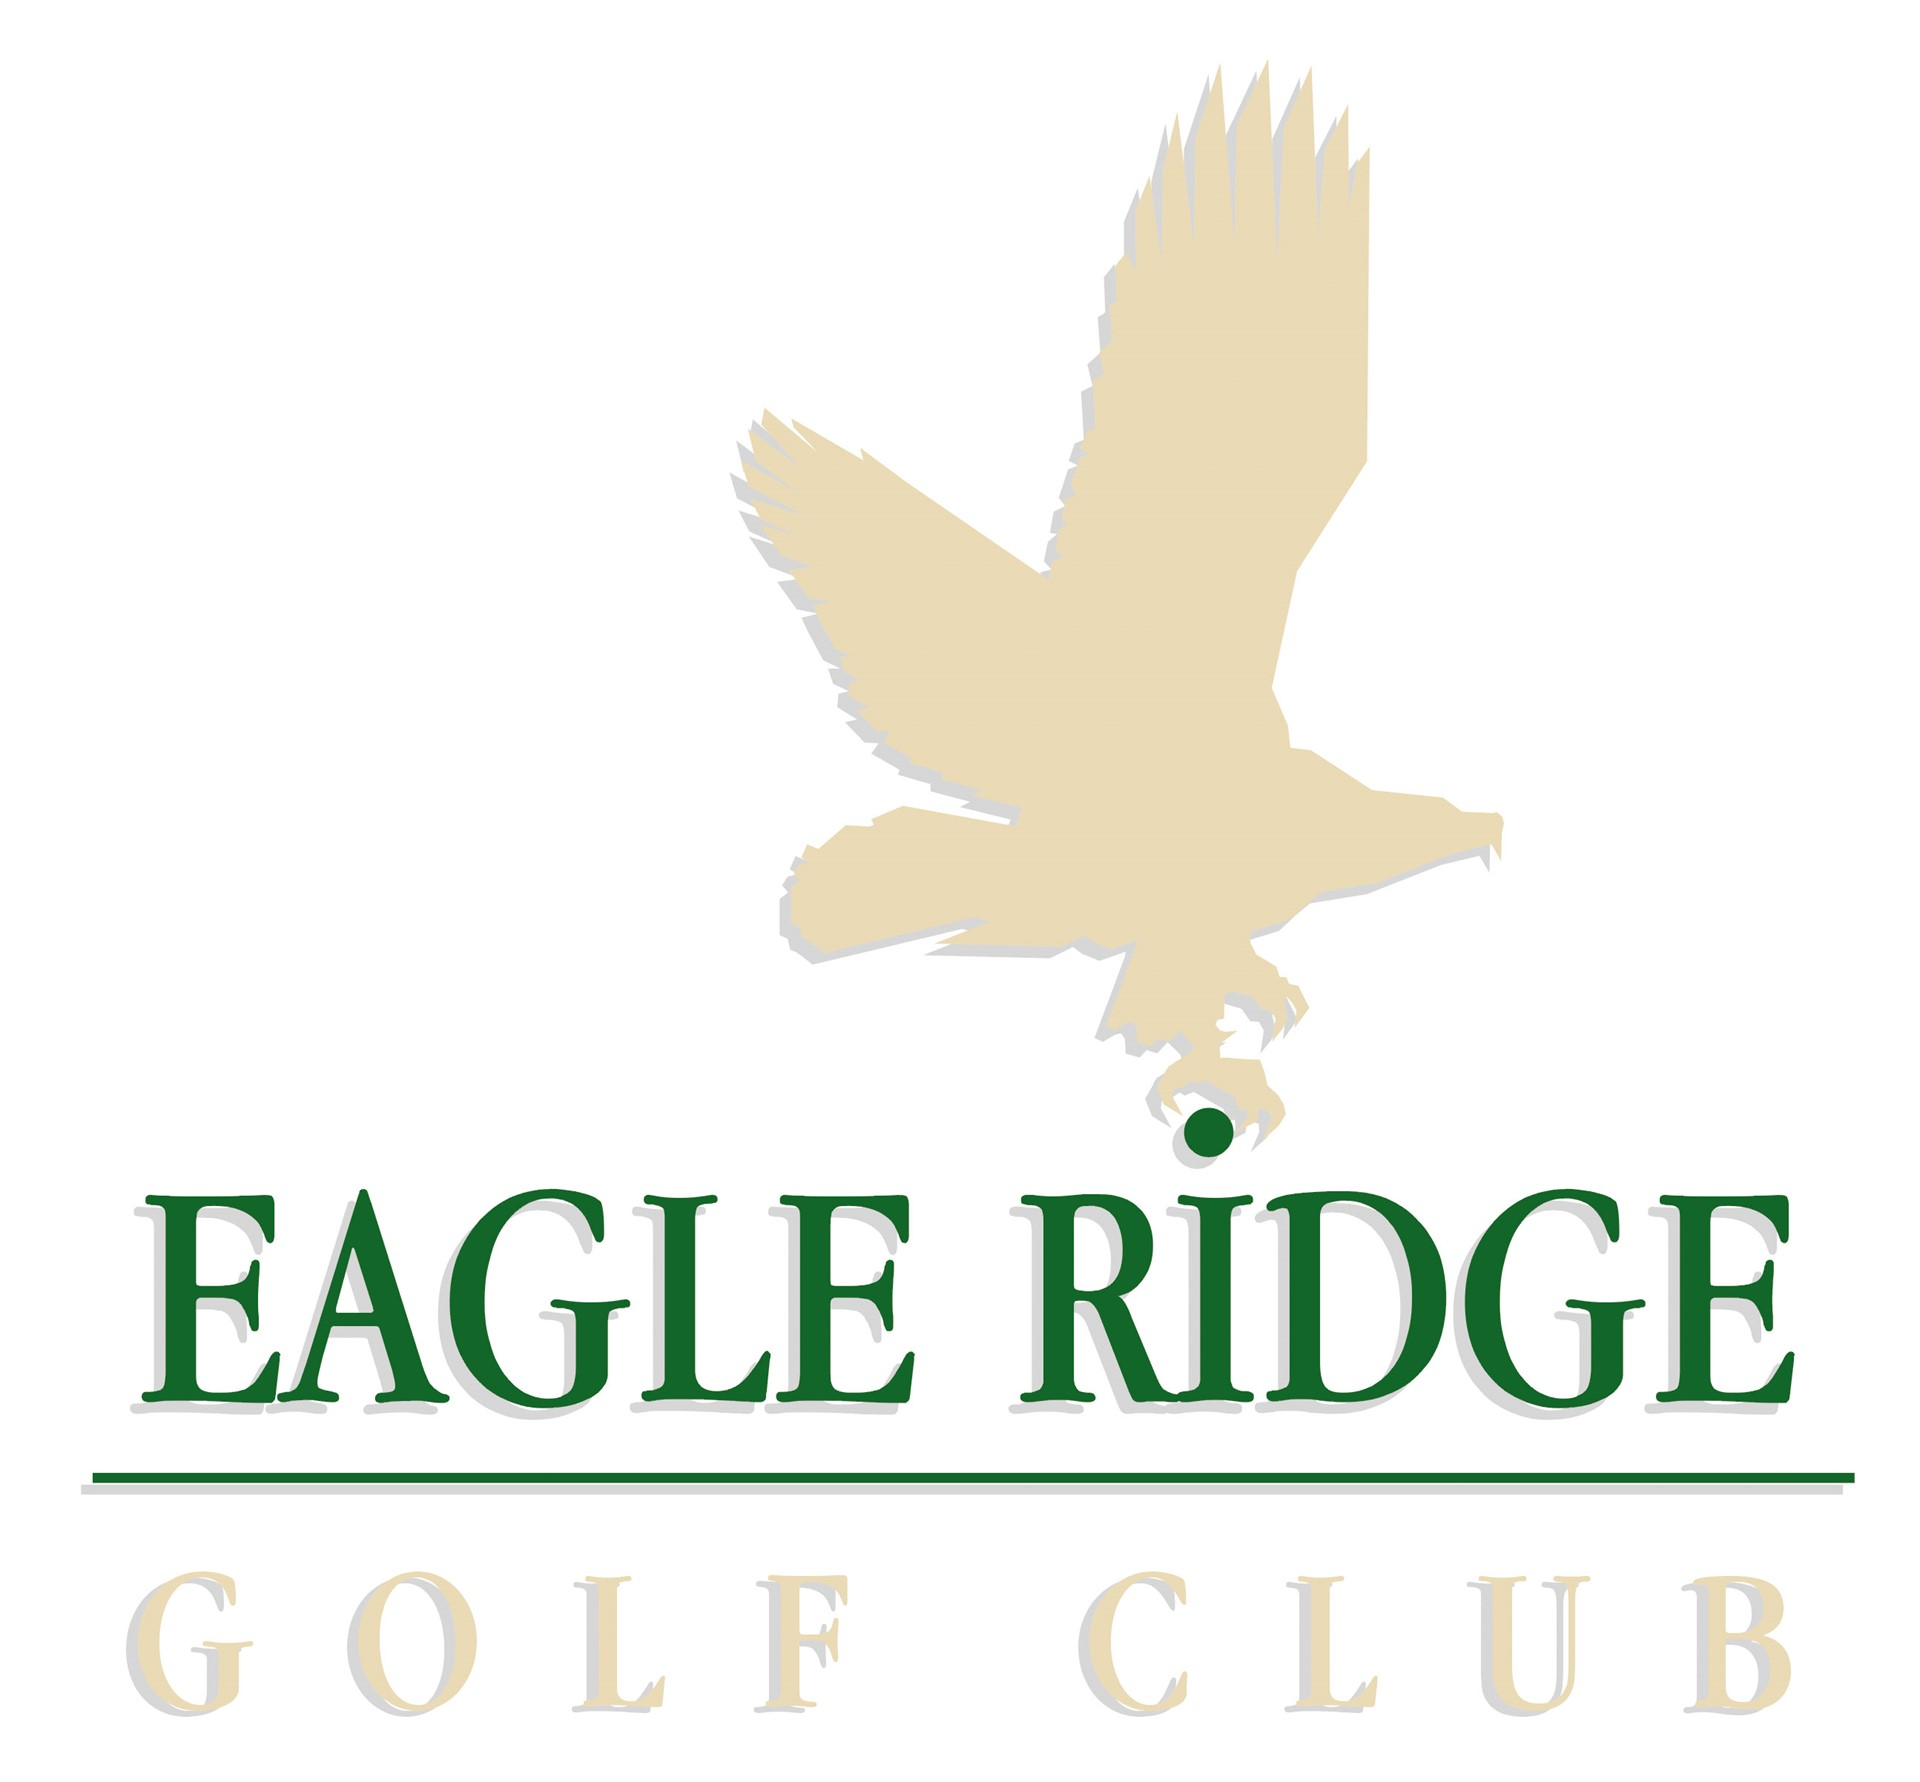 Eagle Ridge Golf Club